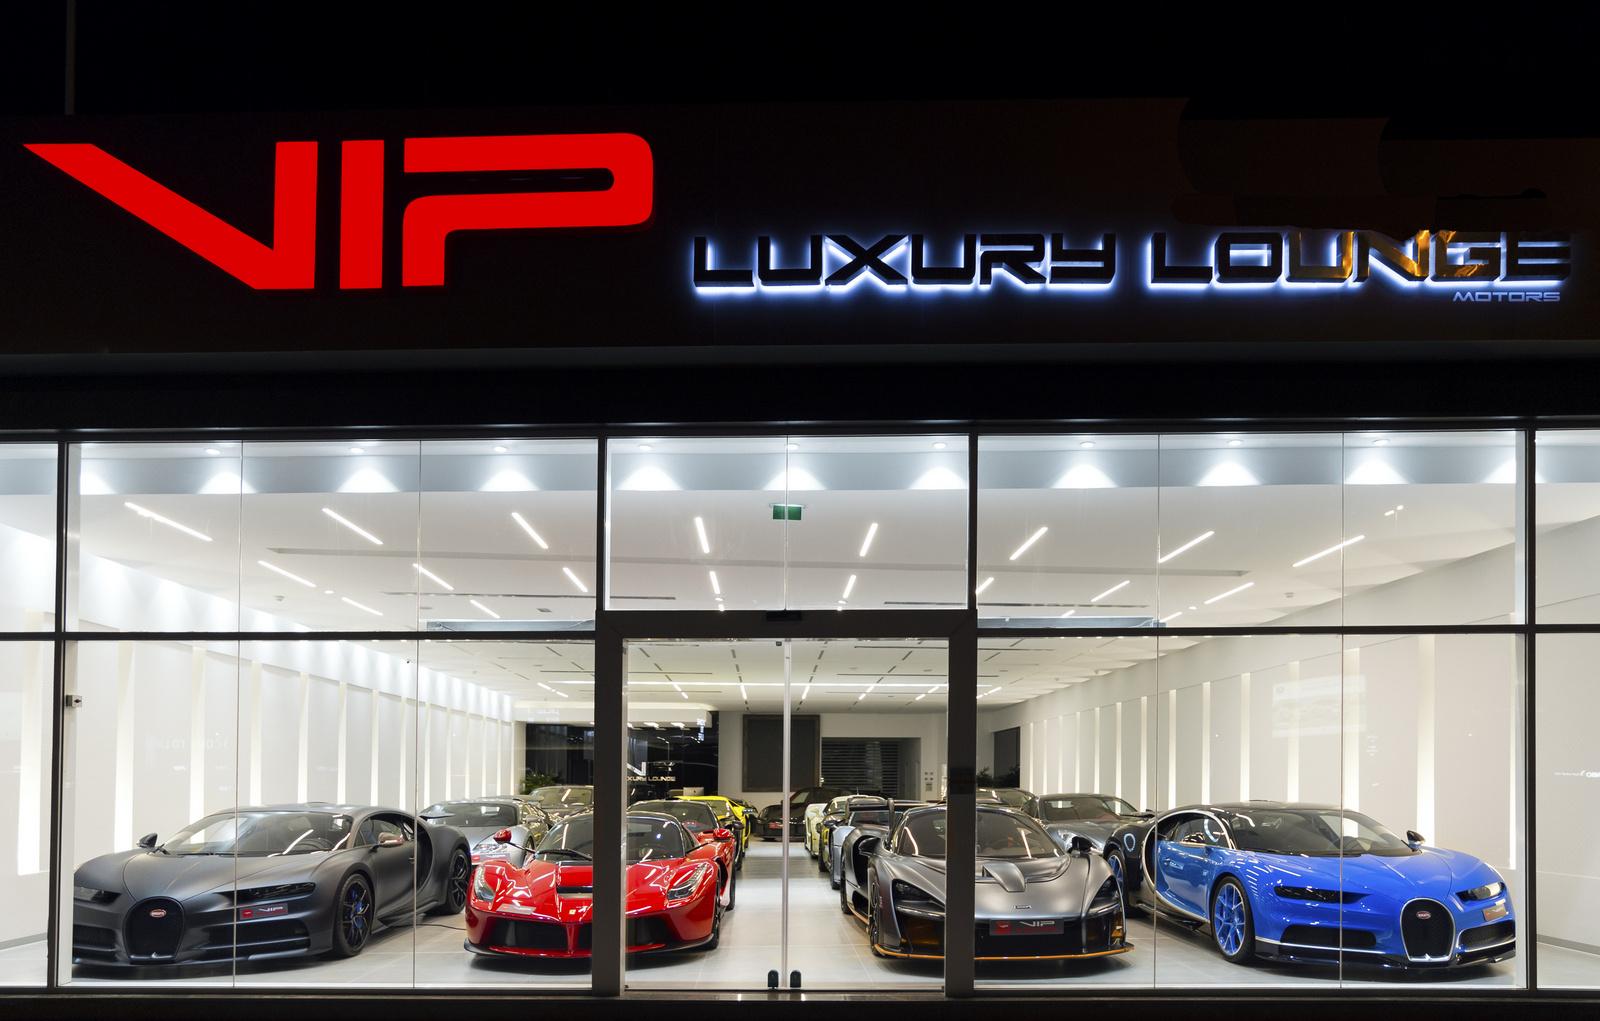 VIP Motors Luxury Lounge